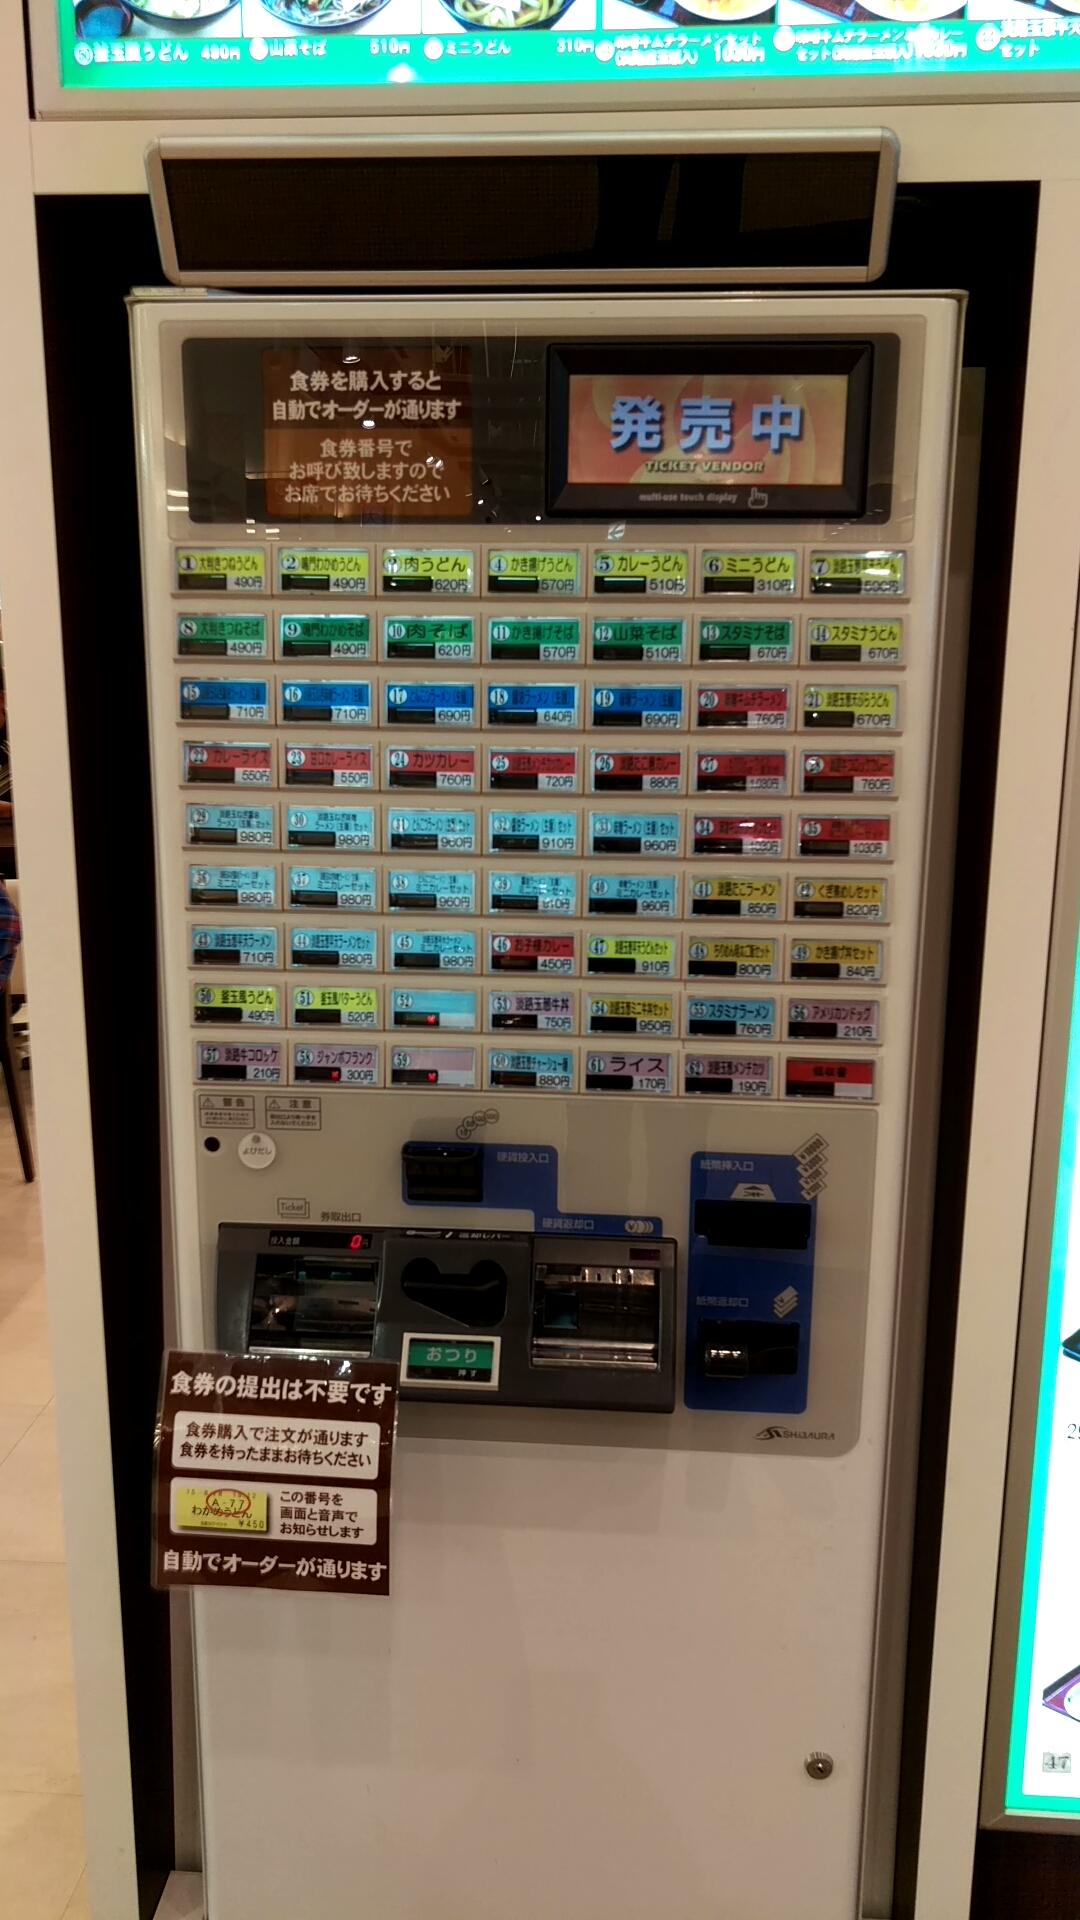 自販機。玉ねぎラーメンはおすすめメニューなのに券売機のボタンが探しにくいので注意!